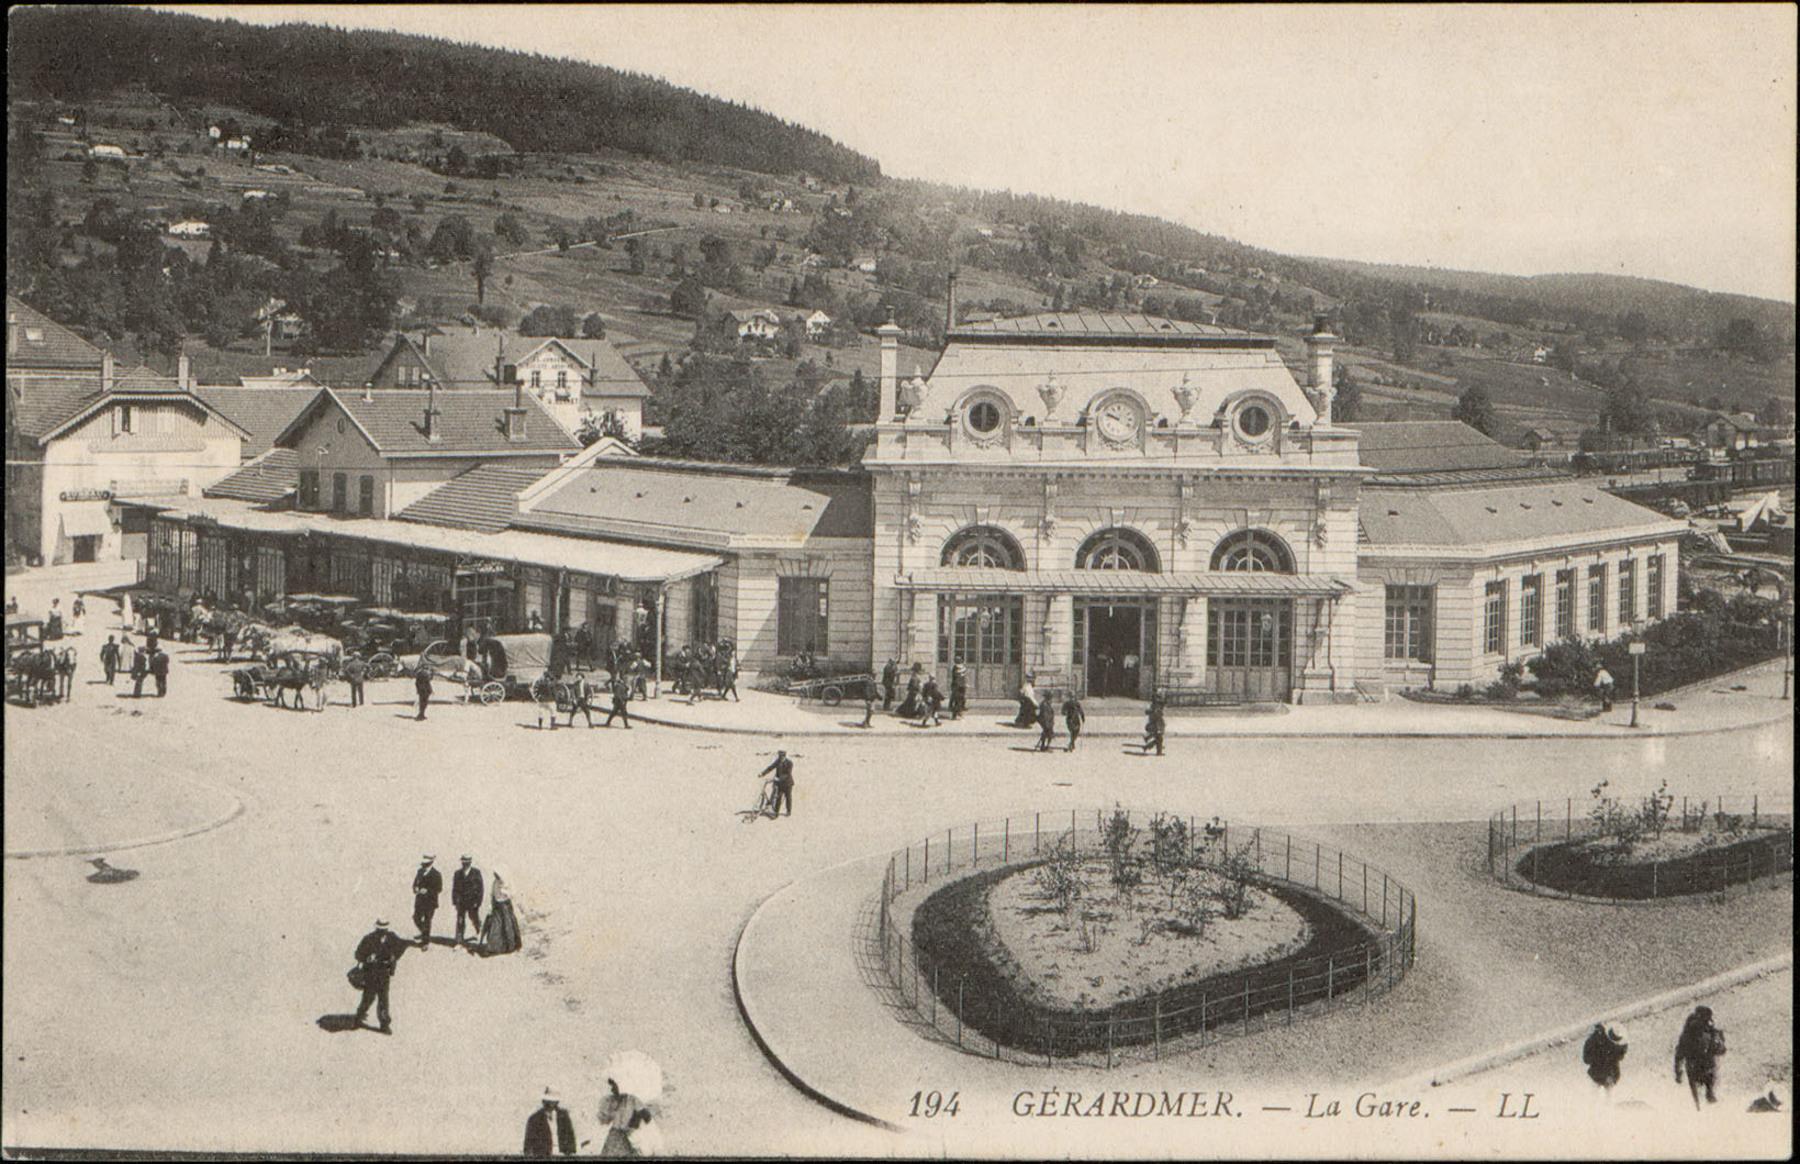 Contenu du Gérardmer, La Gare